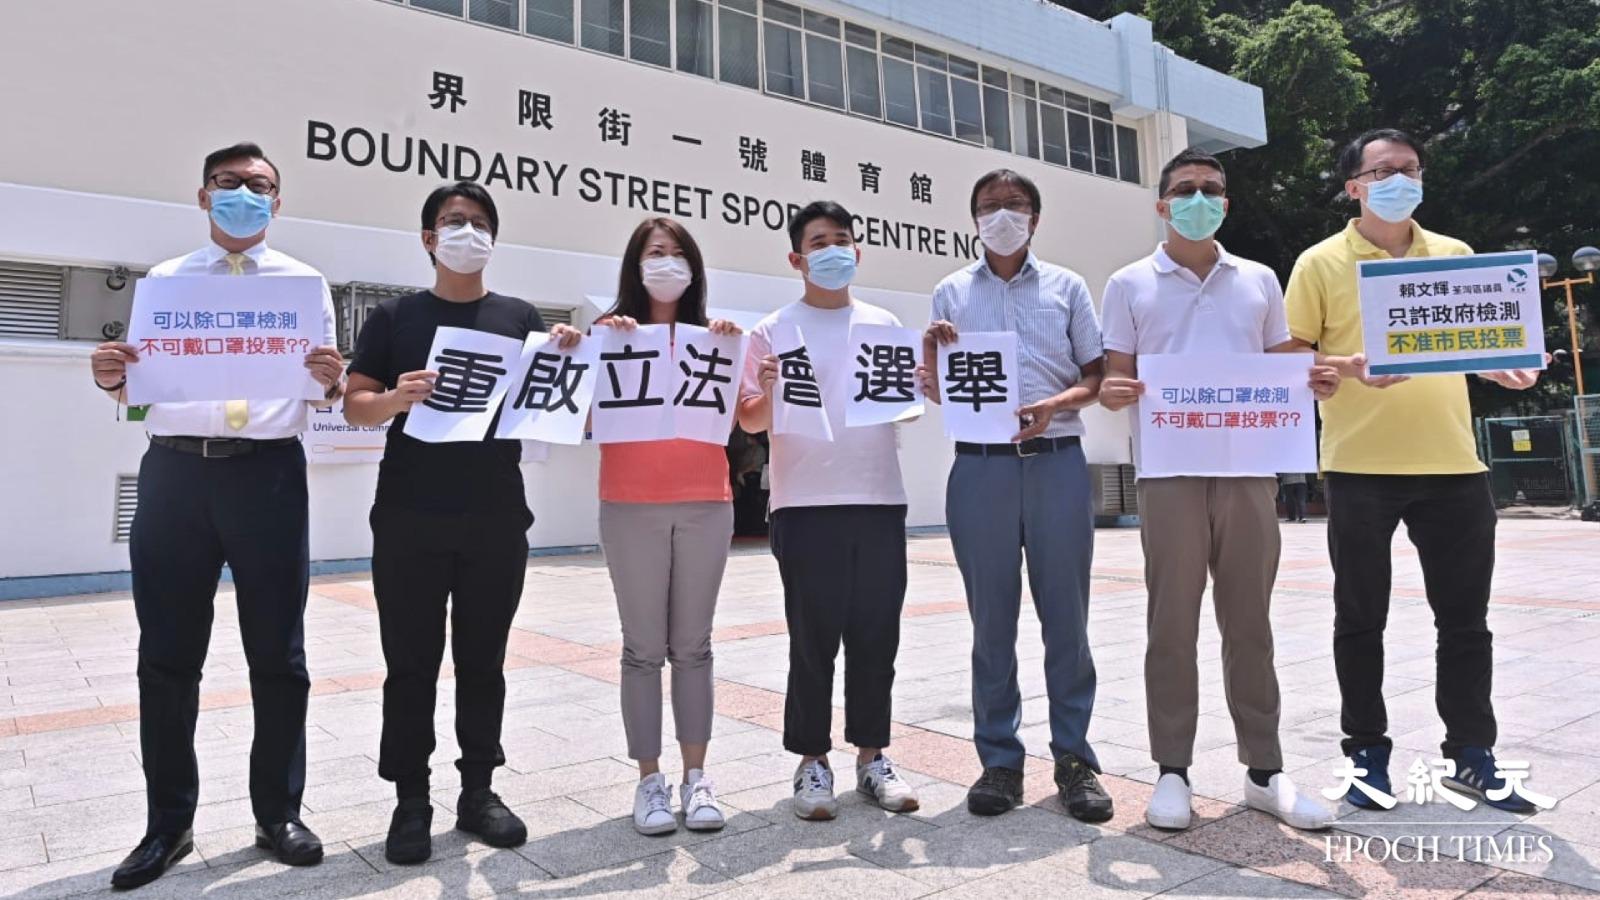 民主派多區區議員抗議政府只可除口罩檢測,不可戴口罩投票,要求重啟立法會選舉。(宋碧龍/大紀元)